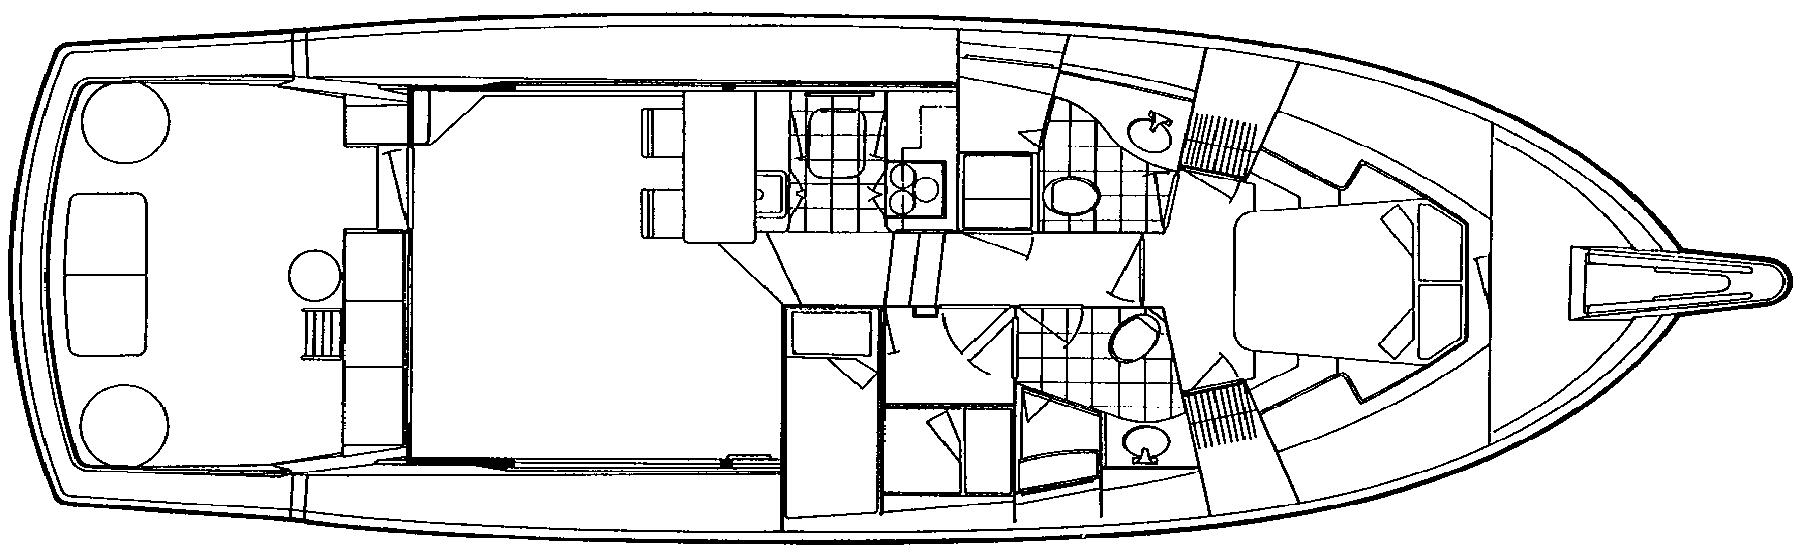 48 Convertible Floor Plan 1